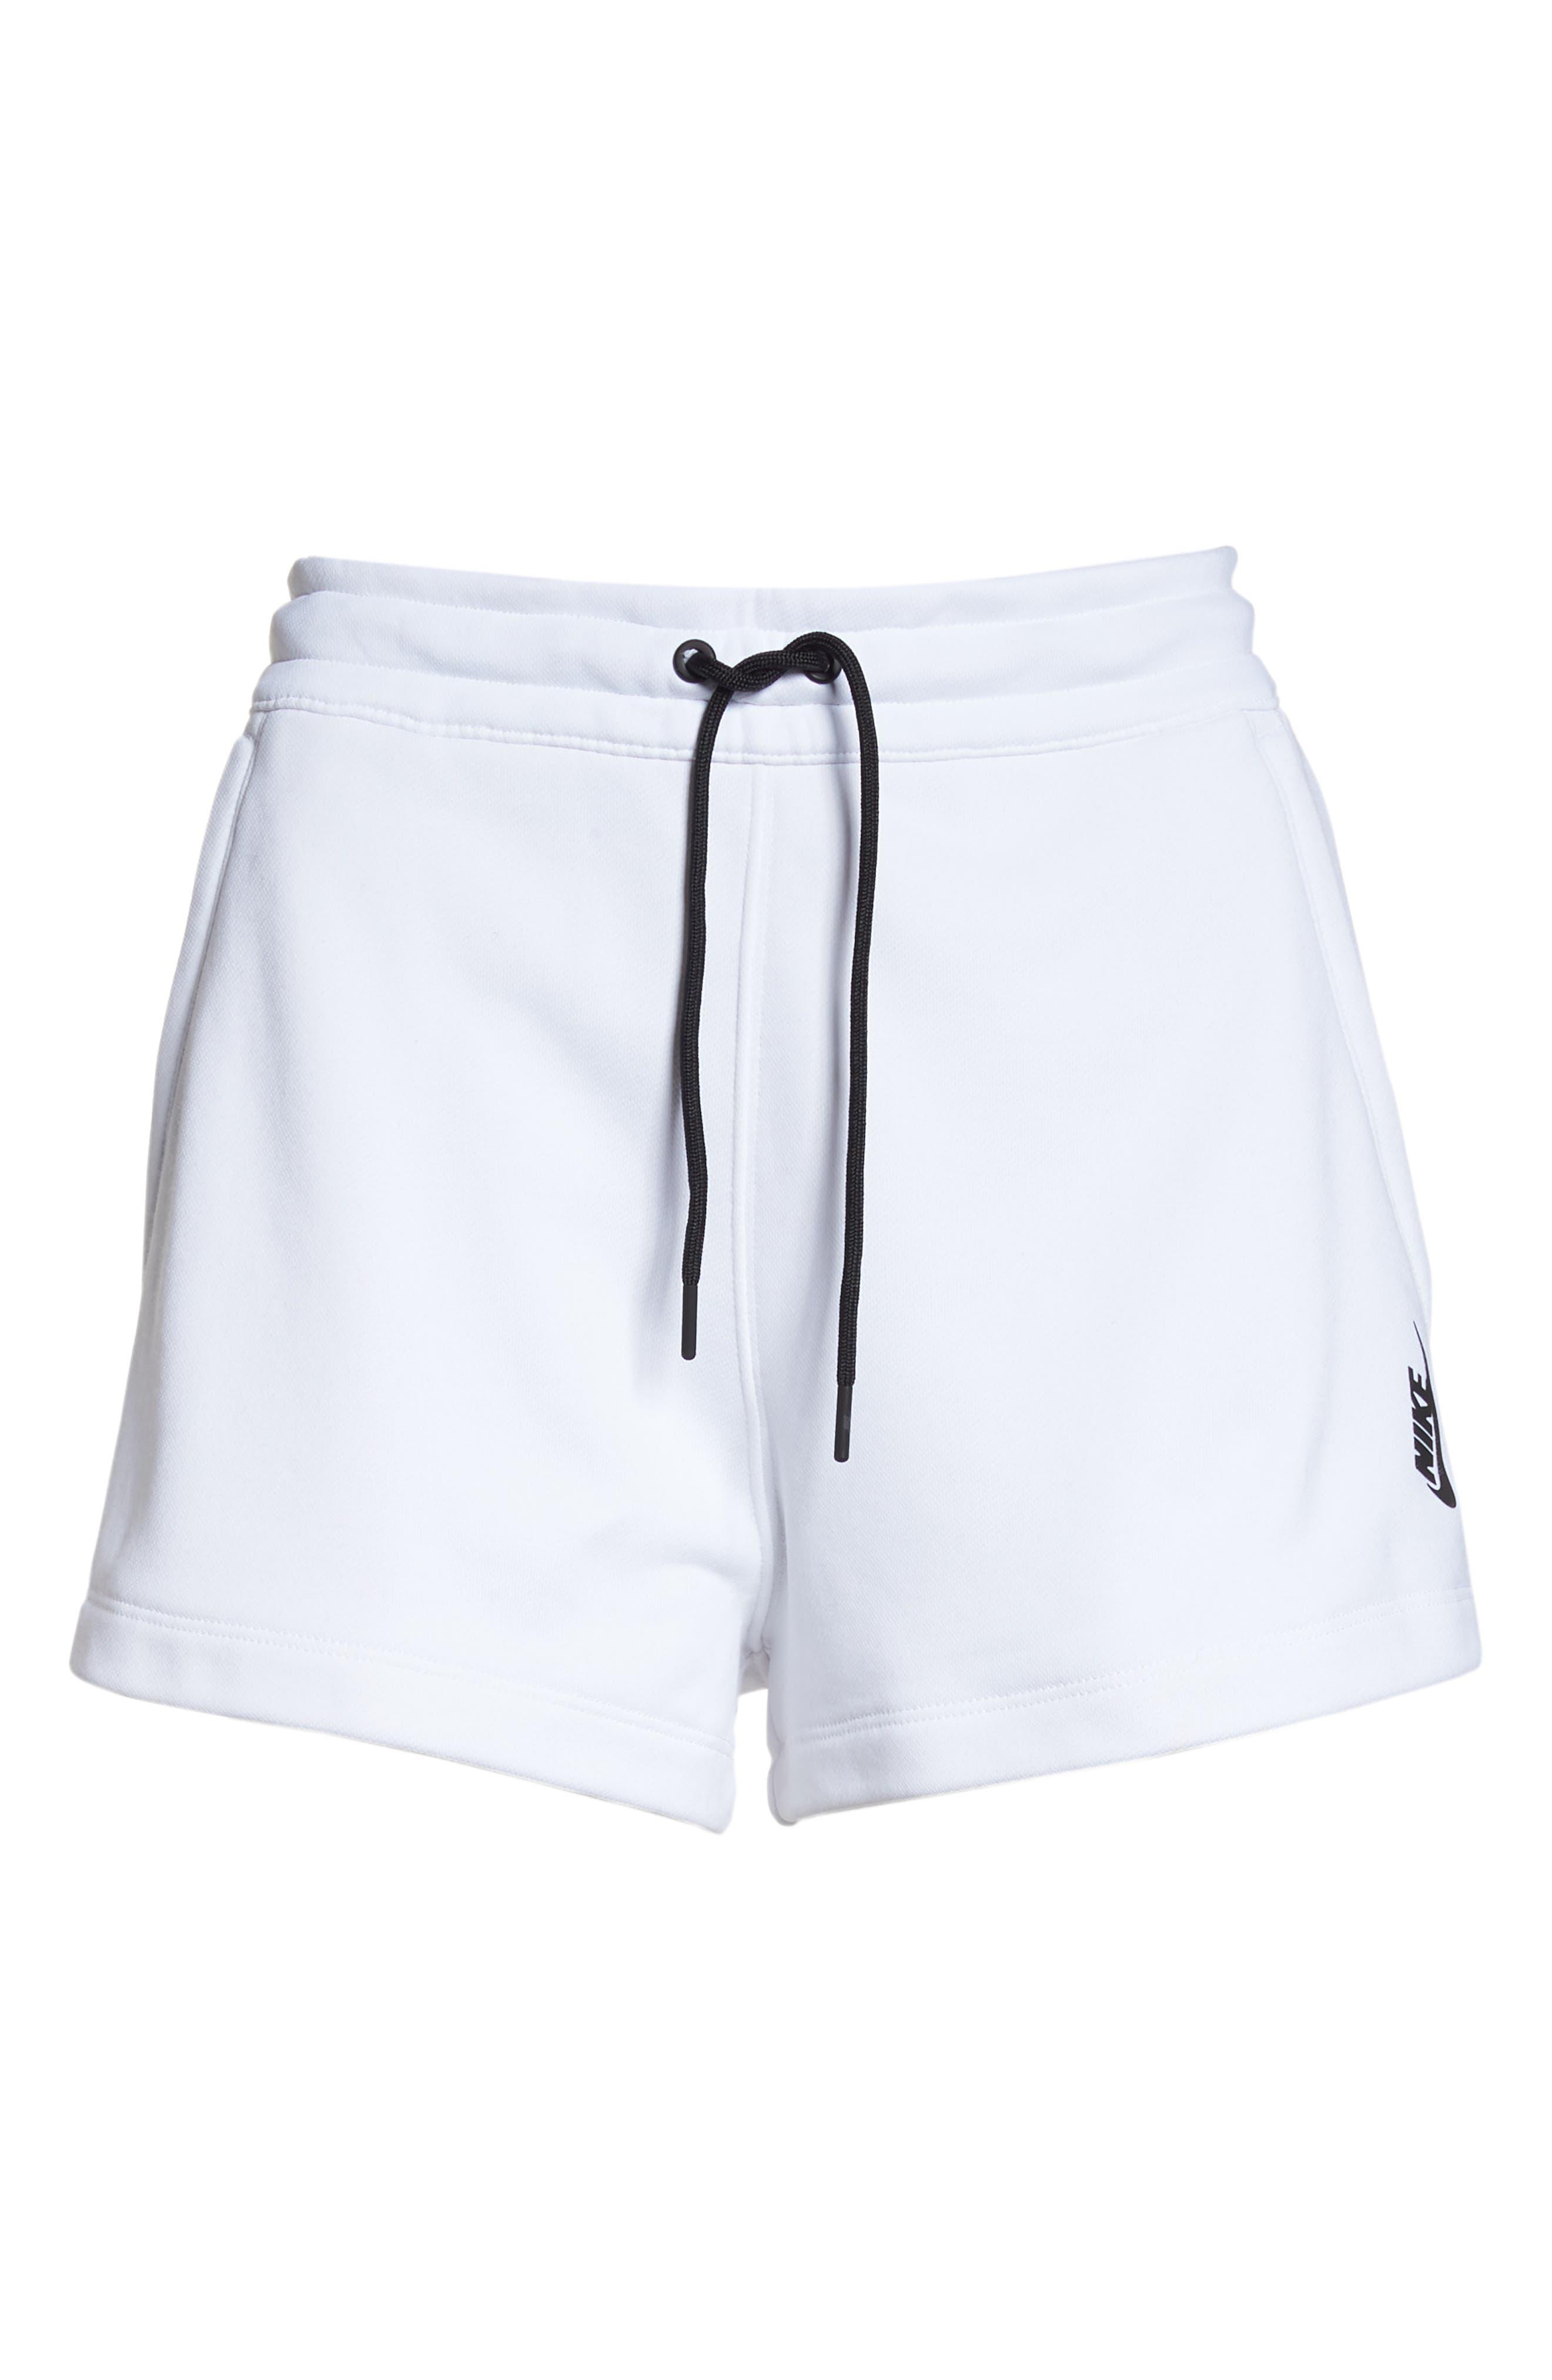 NikeLab Collection Women's Fleece Shorts,                             Alternate thumbnail 7, color,                             100